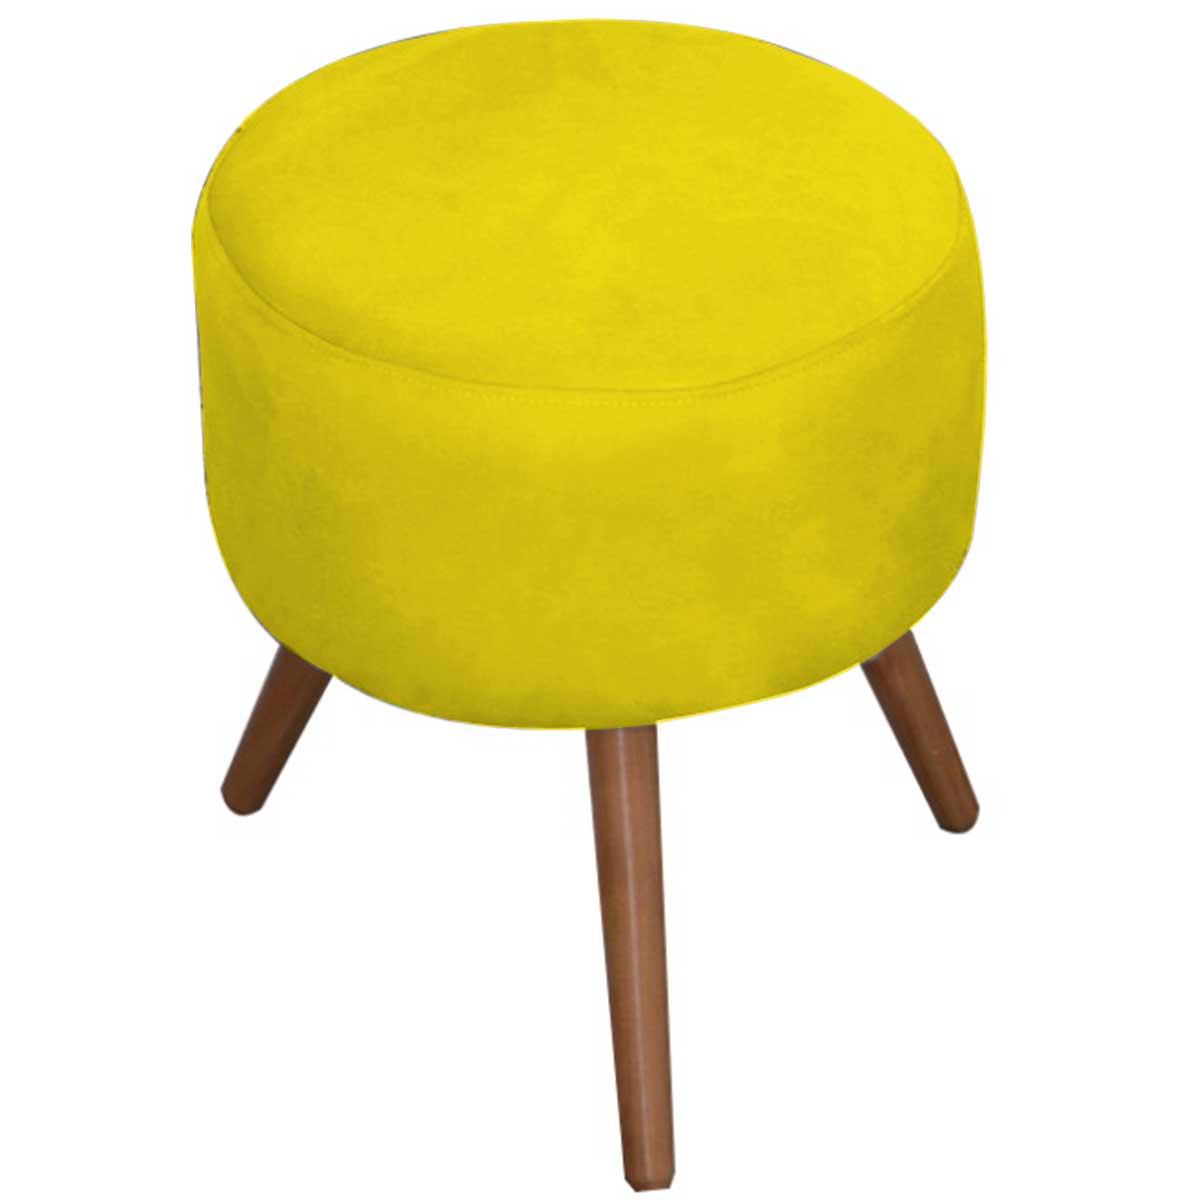 Kit 2 Puff Milão Decorativos Pé Palito Animale Amarelo